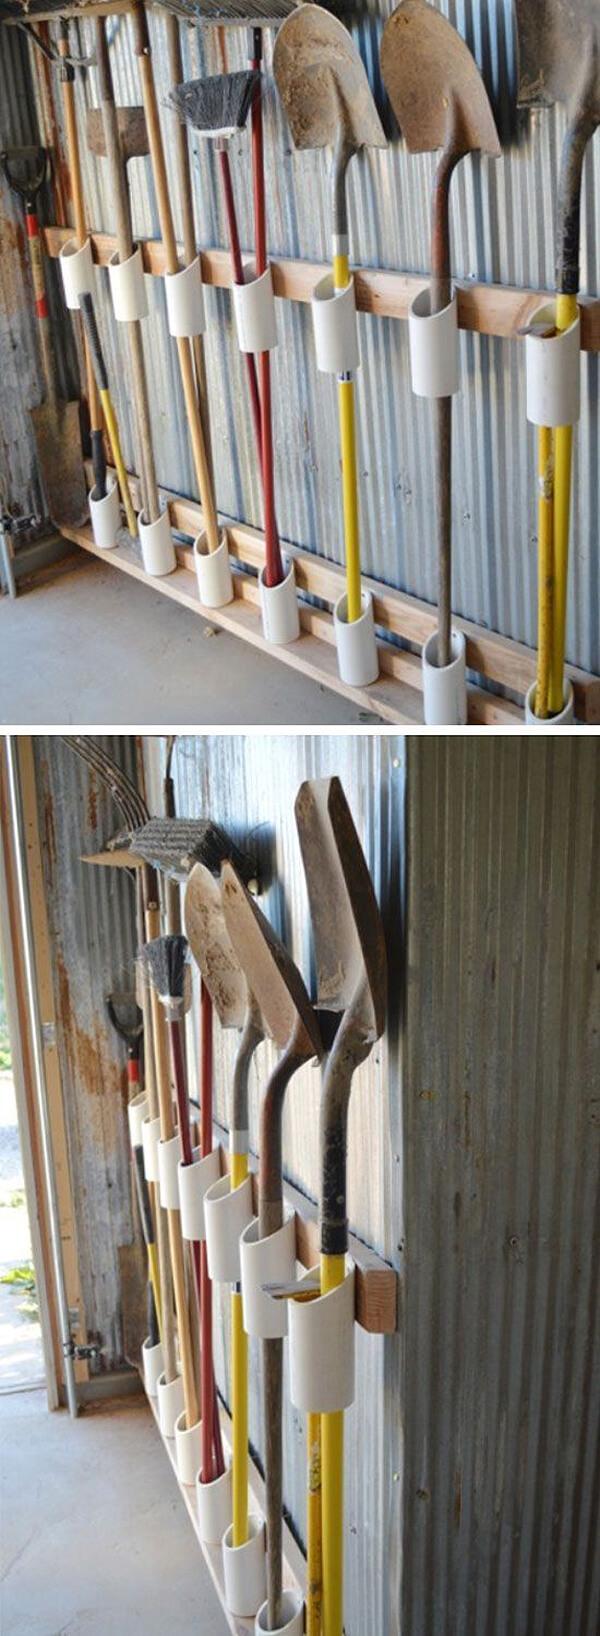 Tidy Garden Tools Garage Organizer